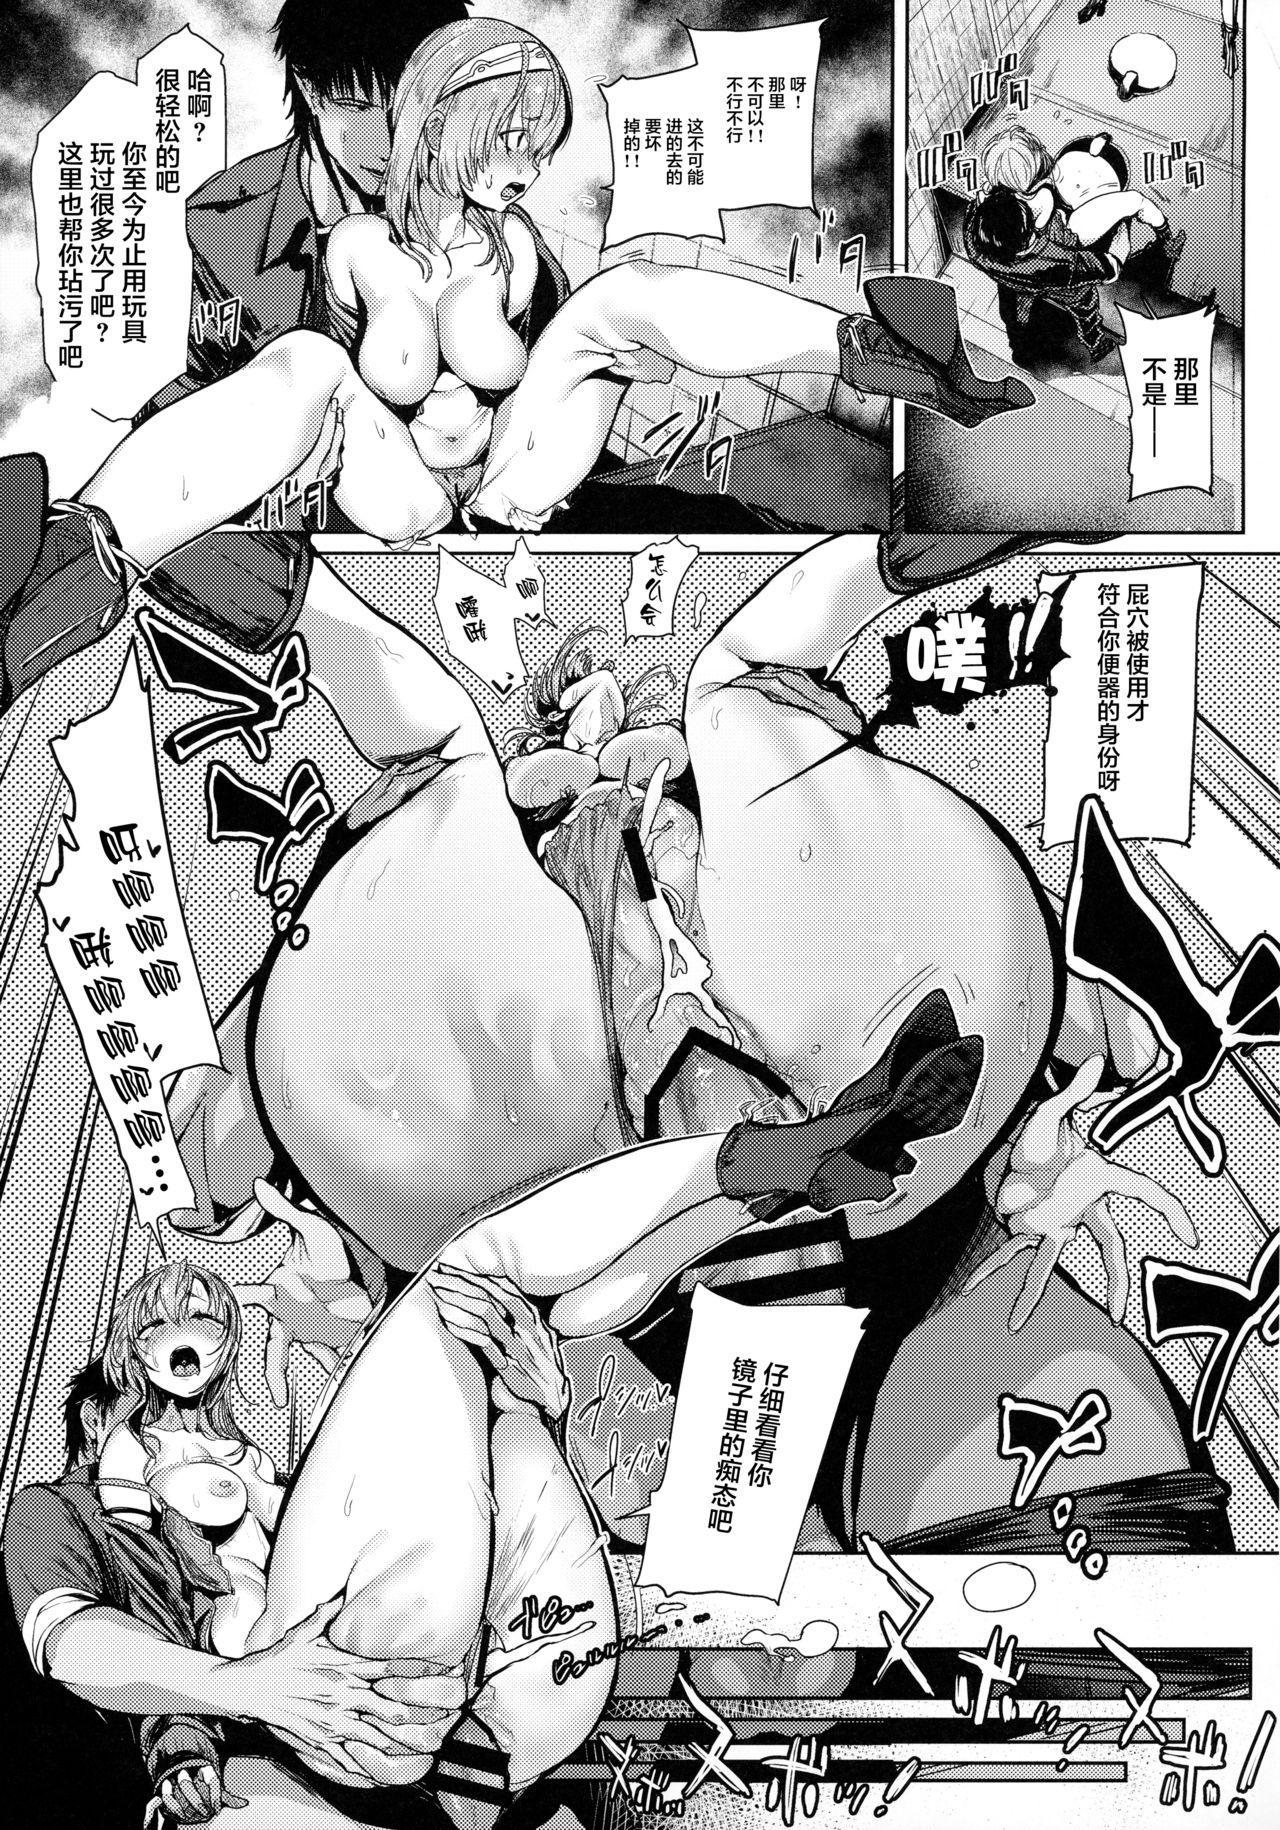 Kakezuki Crisis 16